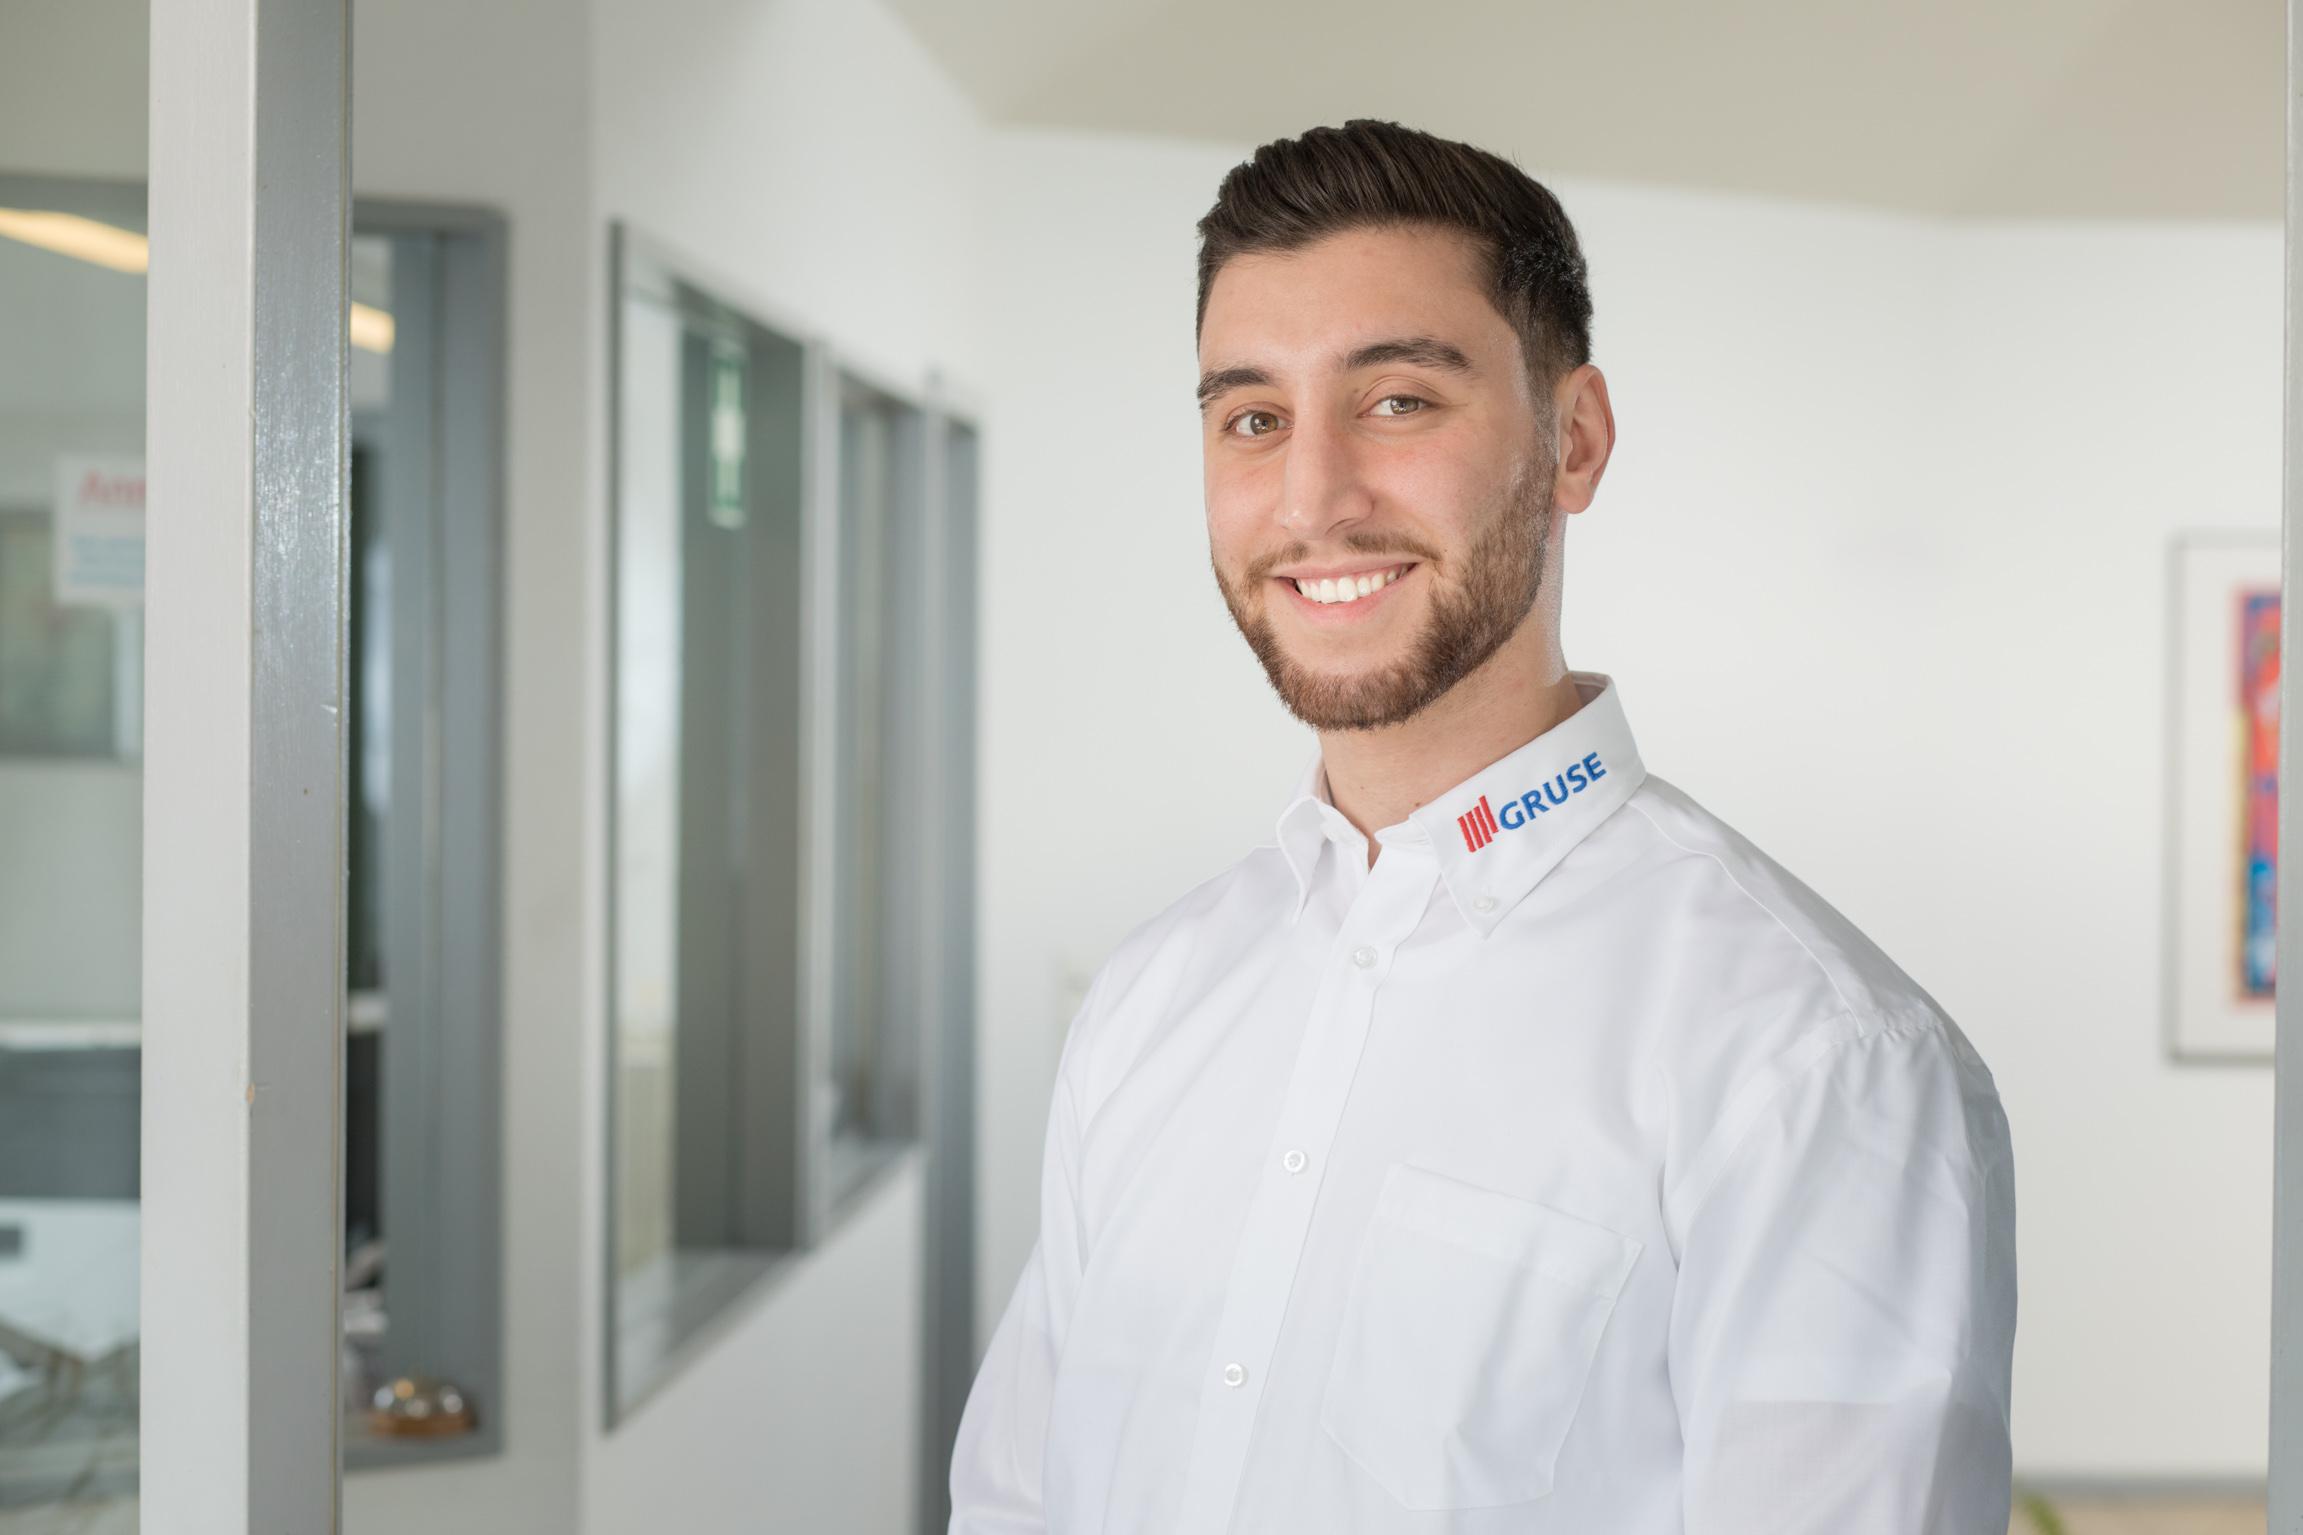 Tarek El Charif, Auszubildender zum Industriekaufmann im 1. Lehrjahr